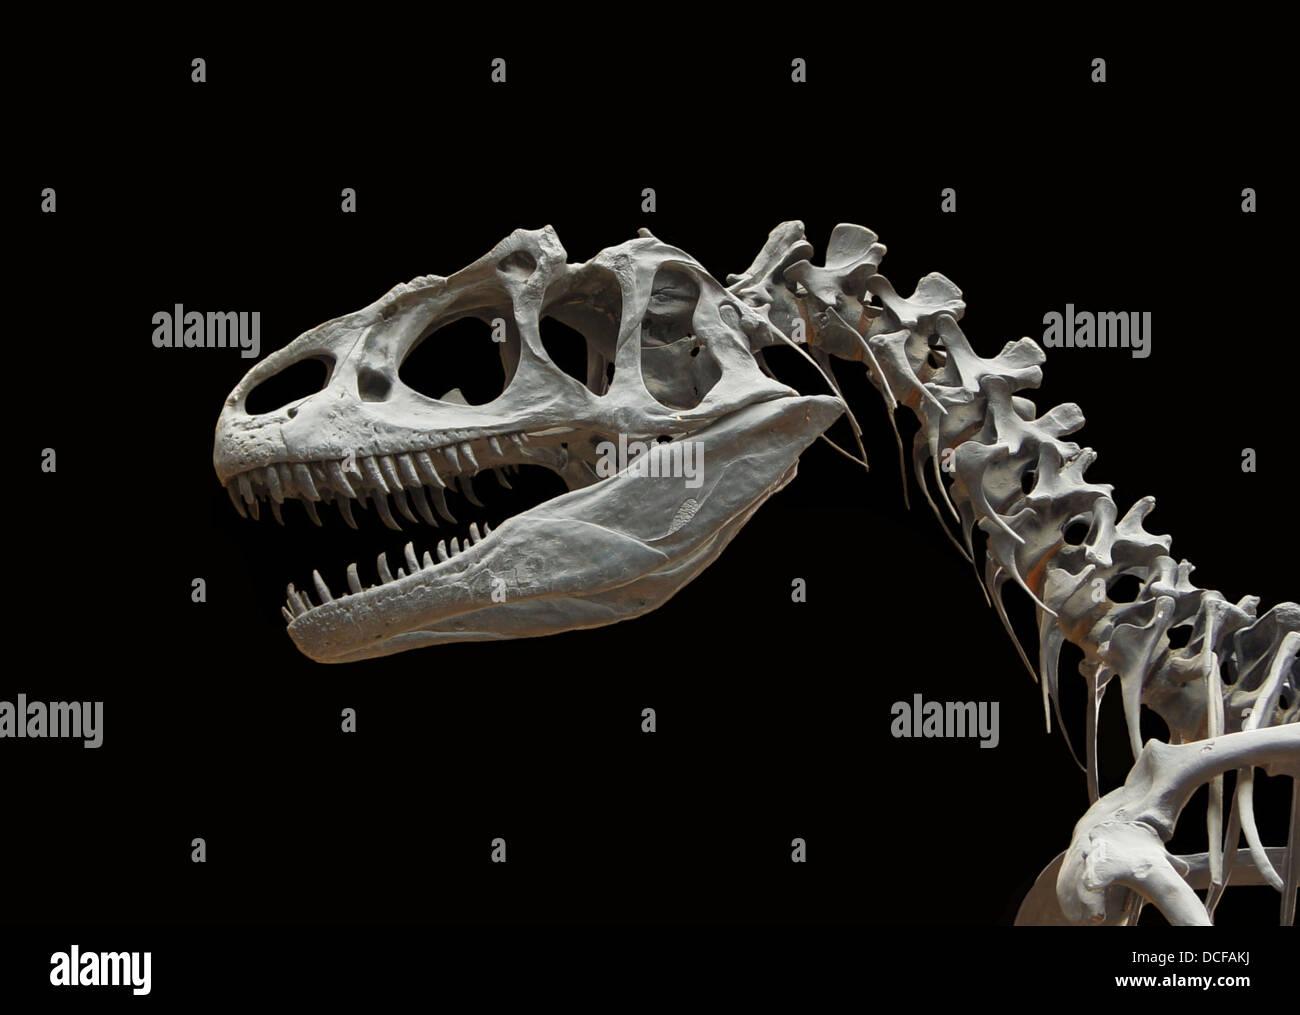 Allosaurus fragilis, jurásico superior (unos 150 millones de años atrás) de cráneo y cervicales, Imagen De Stock